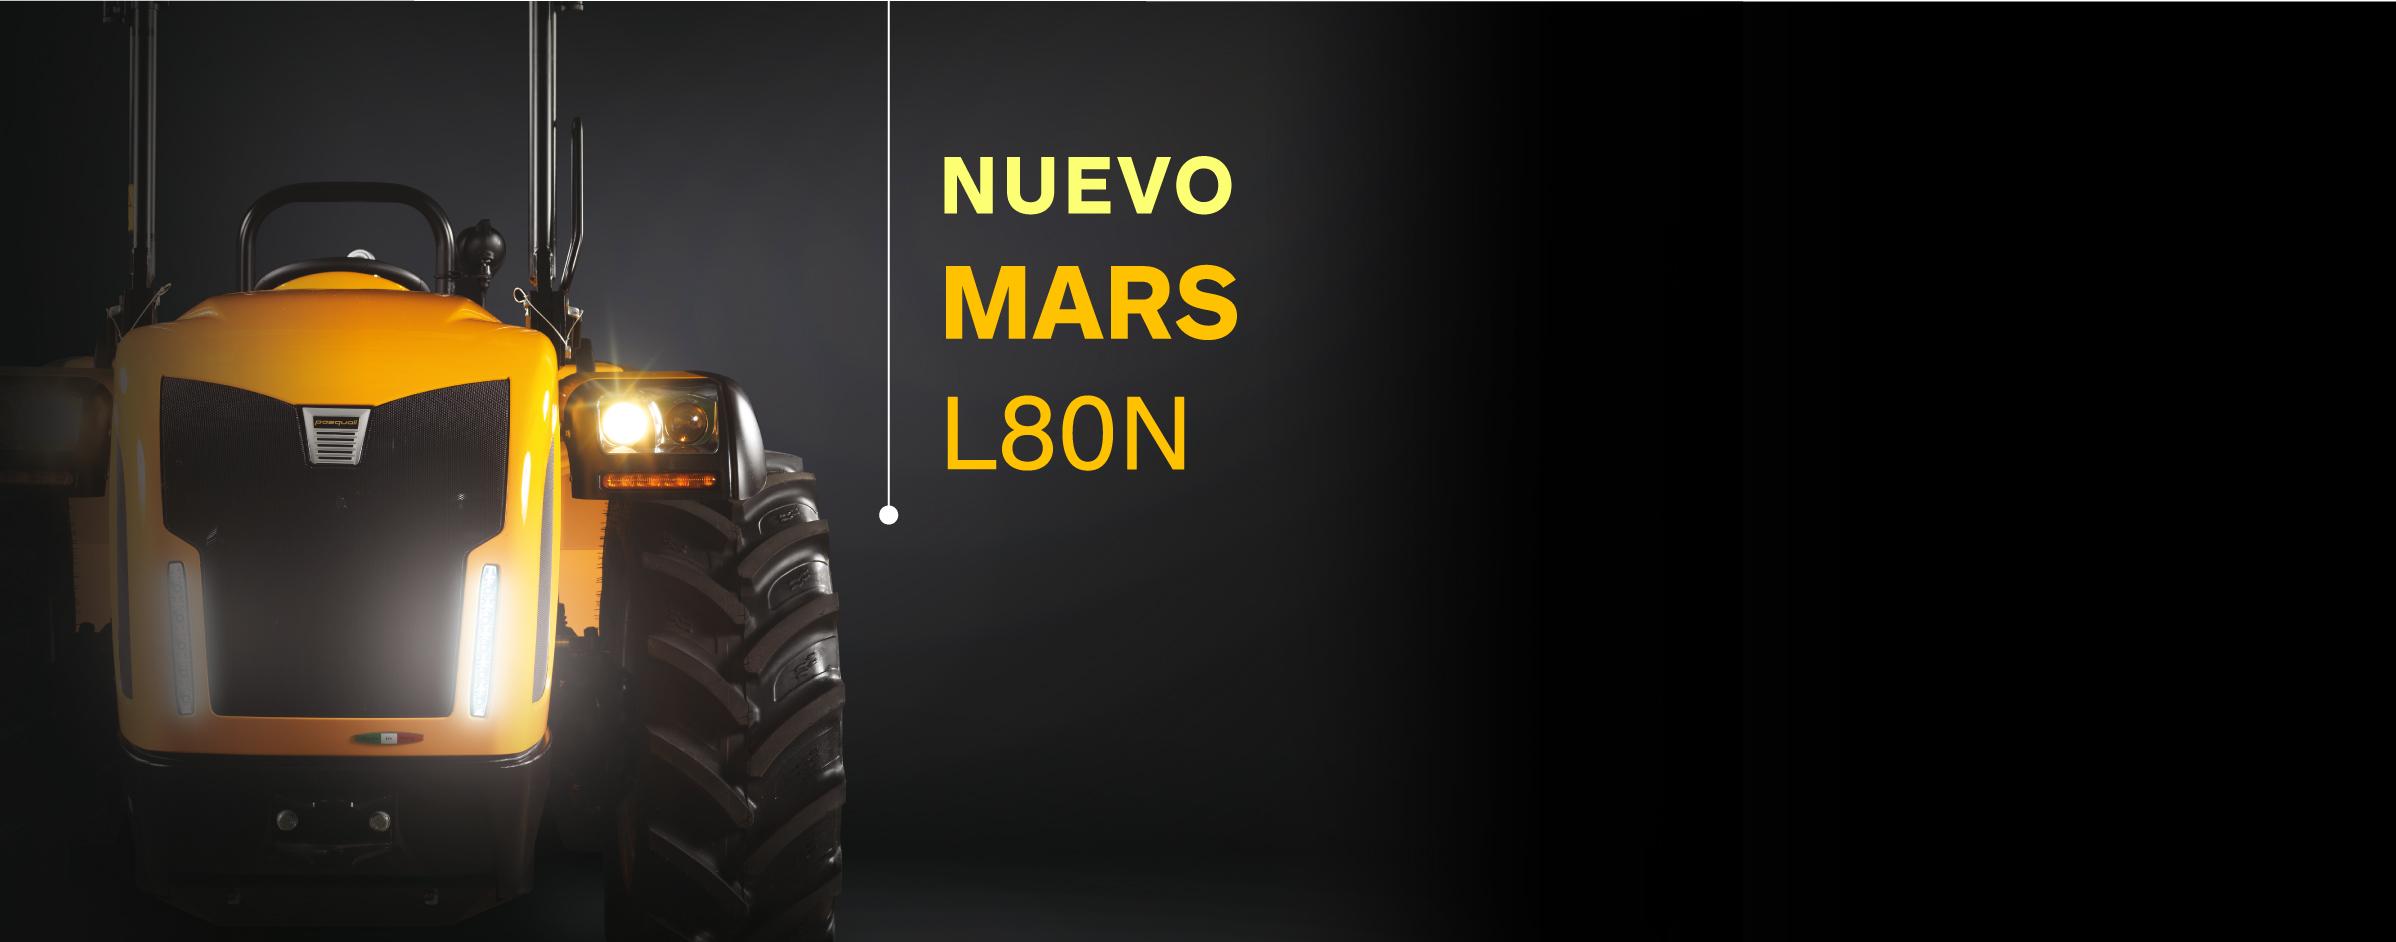 Nuevo Mars L80N - tractor compacto con el capó más bajo de la gama alta